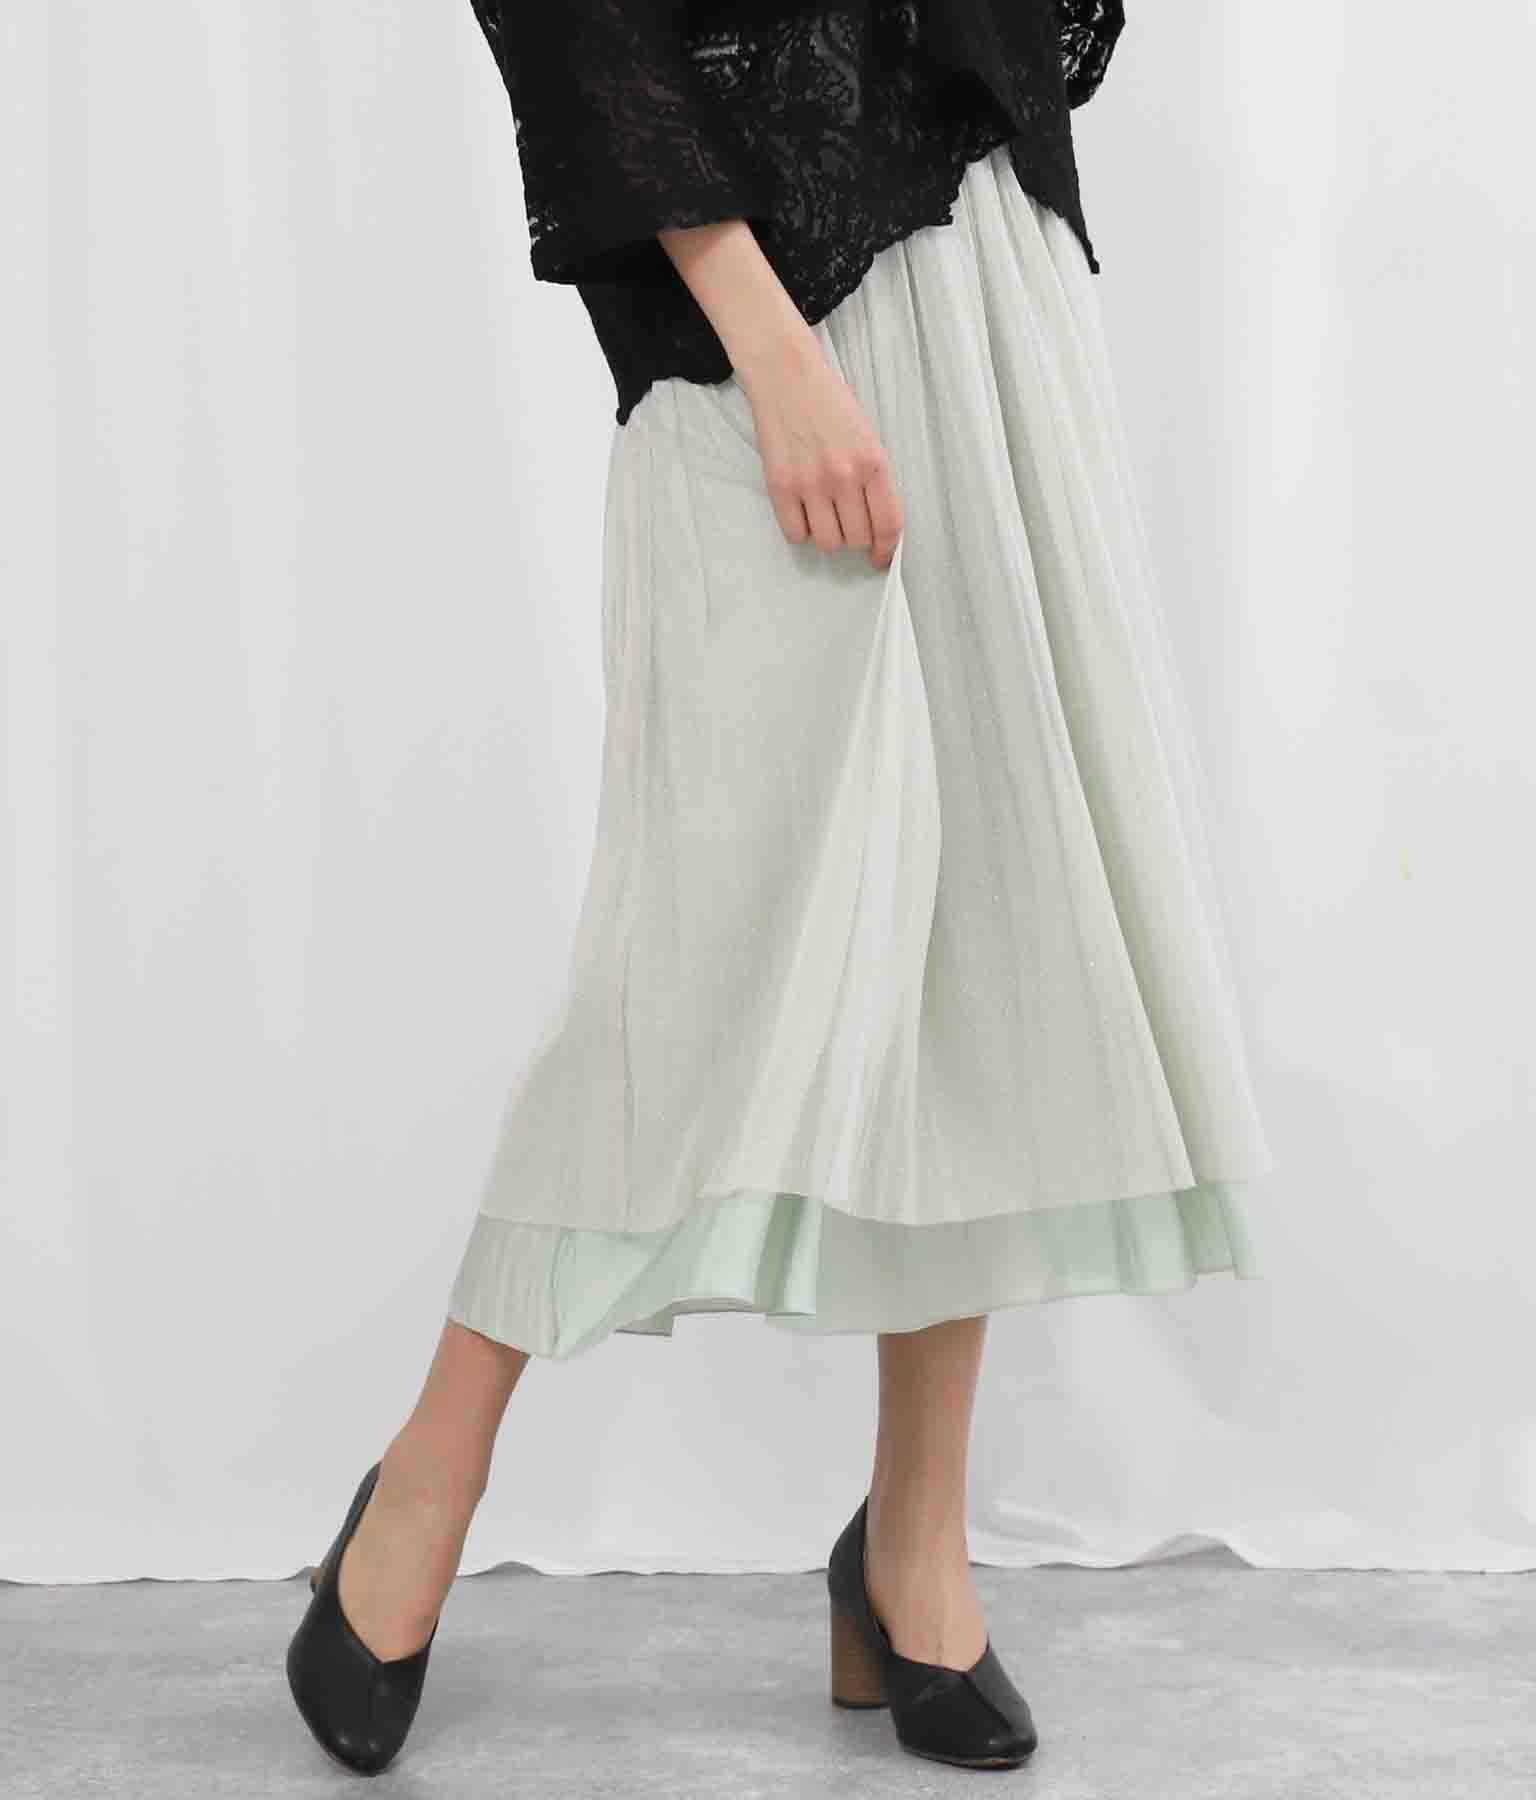 オーロラ×ラメチュールリバーシブルスカート(ボトムス・パンツ /スカート) | Settimissimo